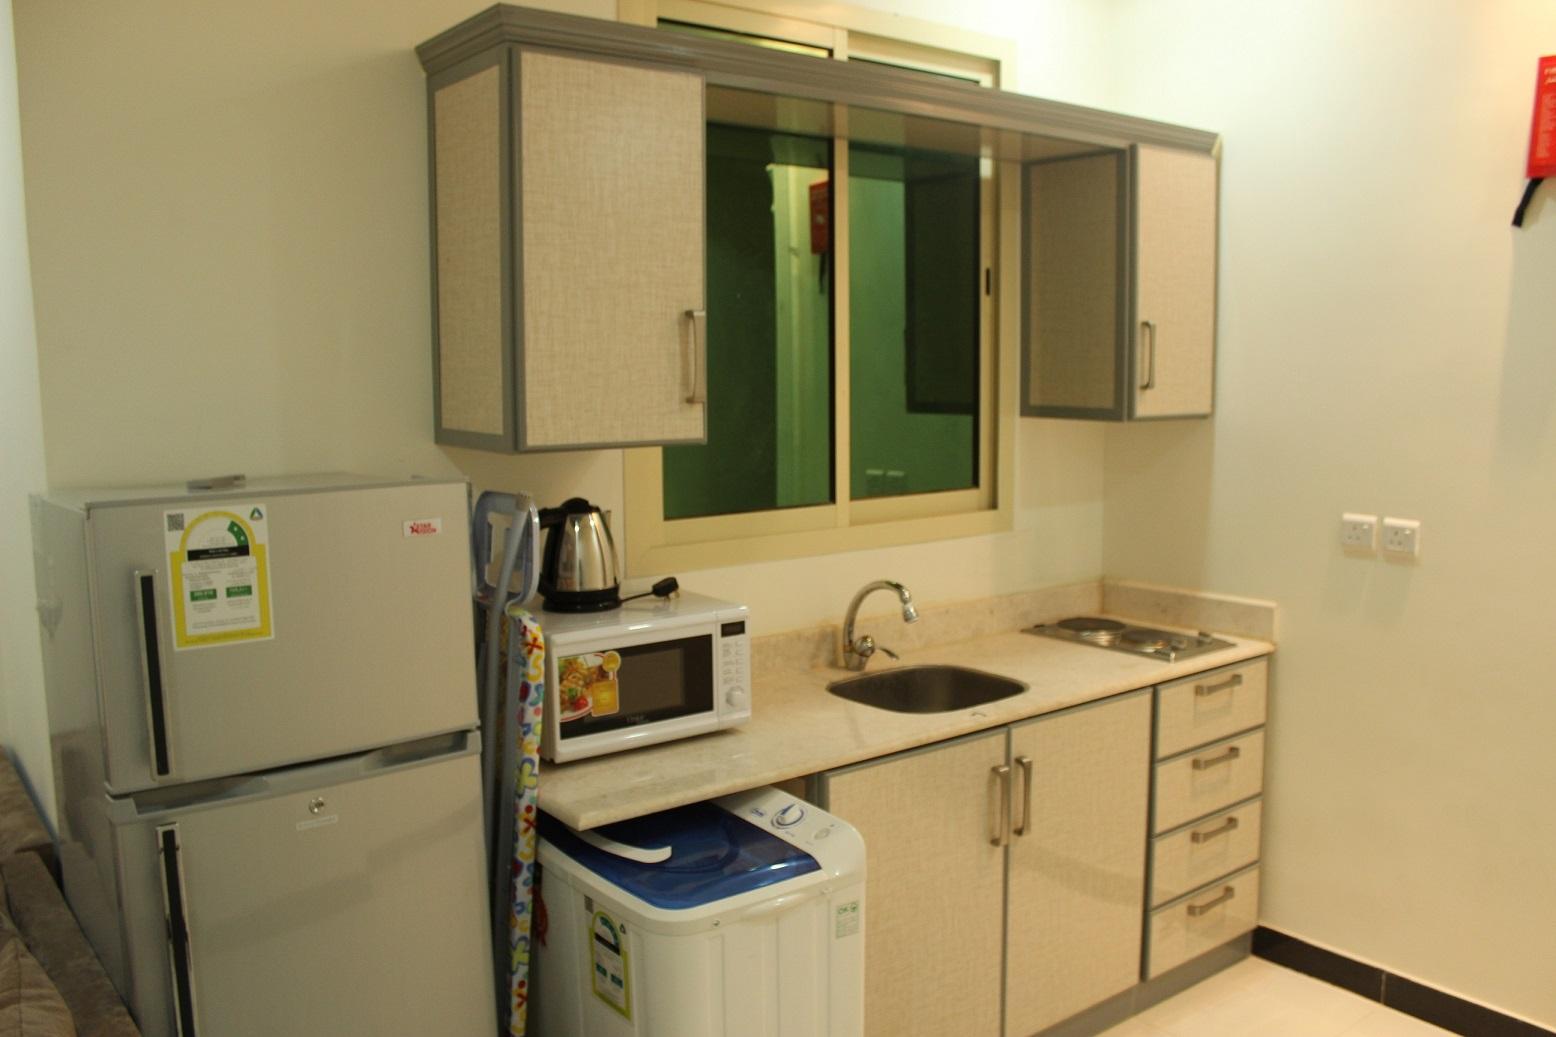 شقق أجمل مساء وحدات سكنية مفروشة الرياض 0114443919 180379575.jpg